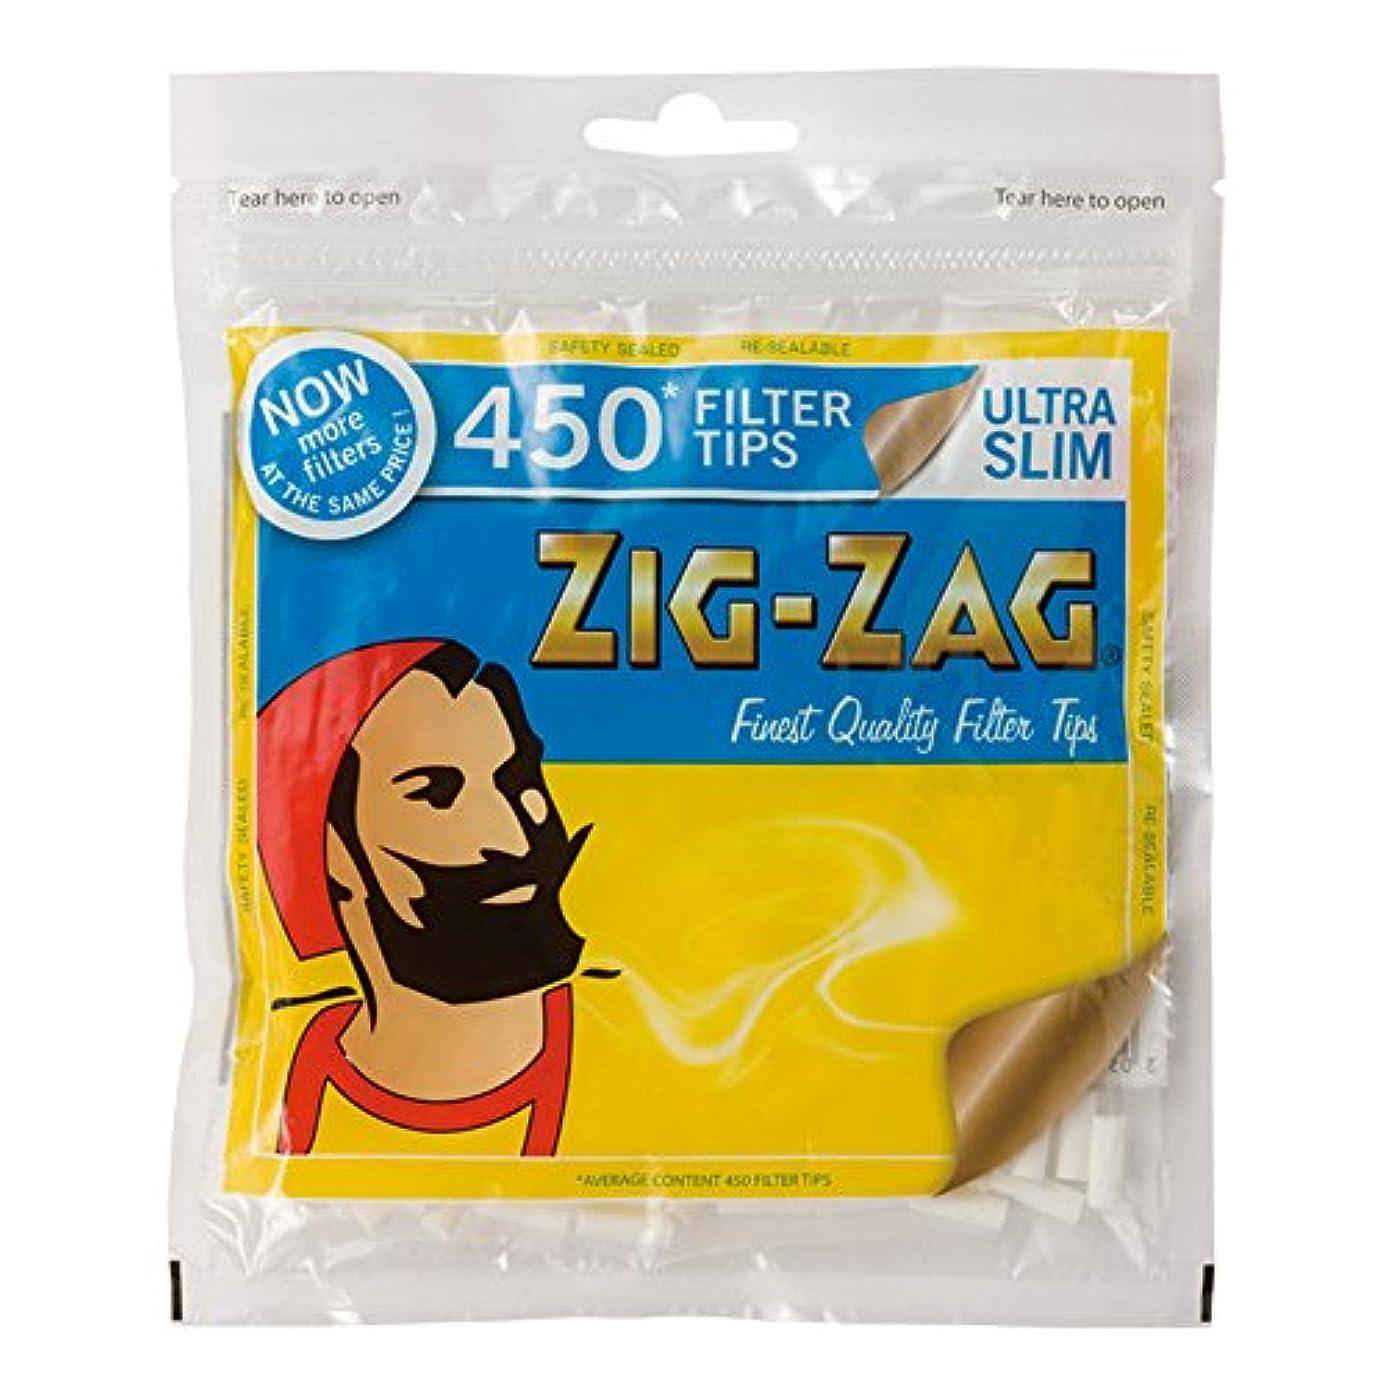 動作レンジ高音ZIG-ZAG(ジグザグ) ウルトラスリム フィルター 450 直径5mm 約450個入り #78538